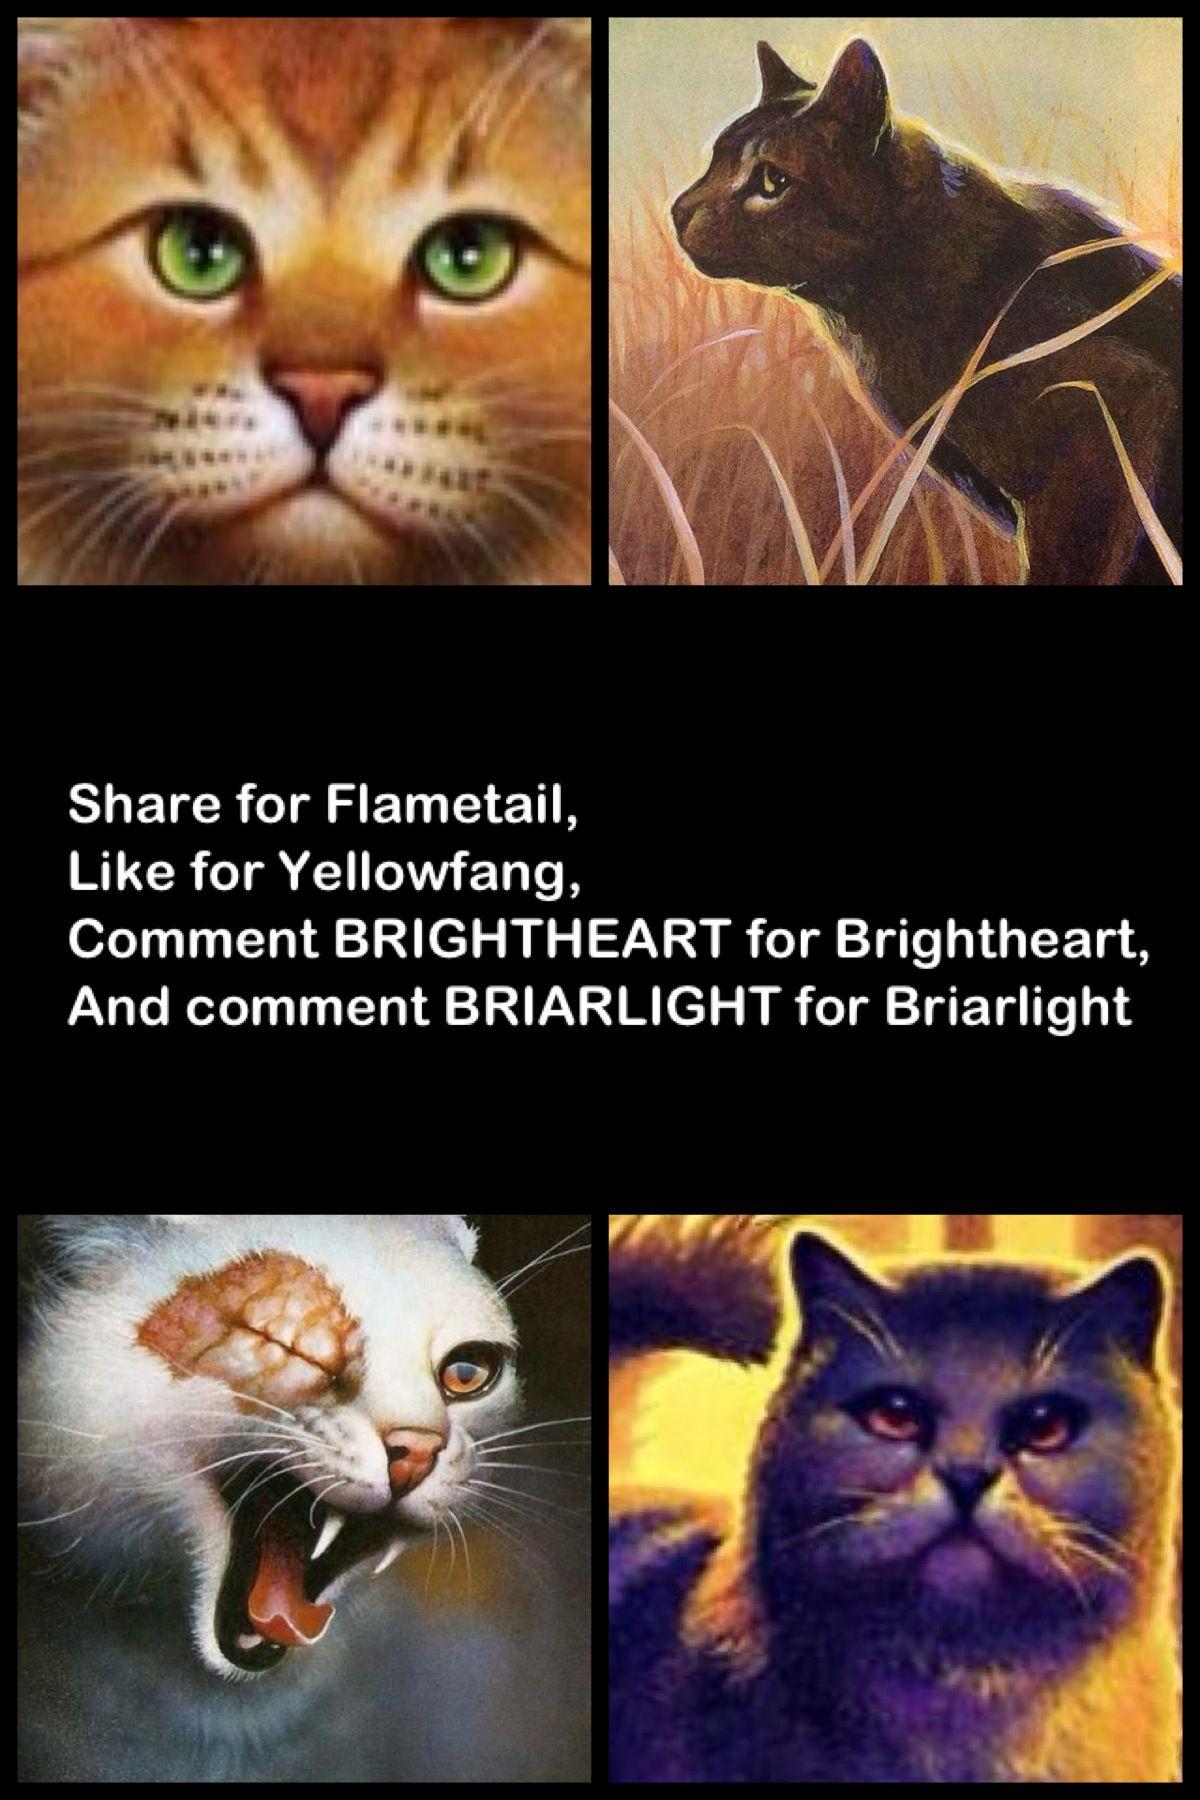 Briarlight!